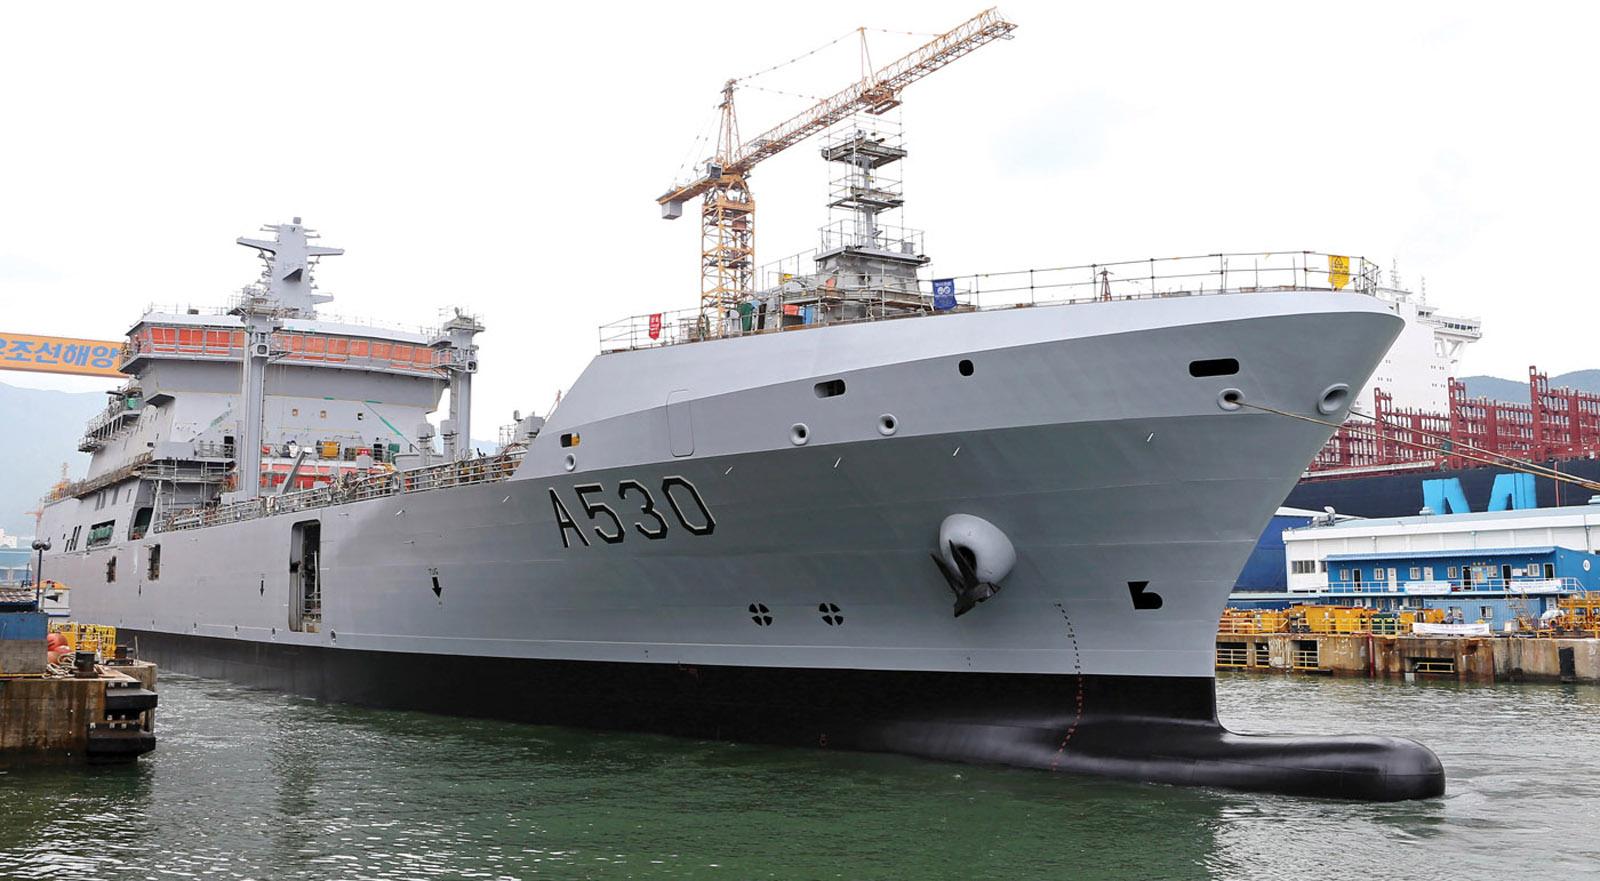 NEW NORWEGIAN SHIP